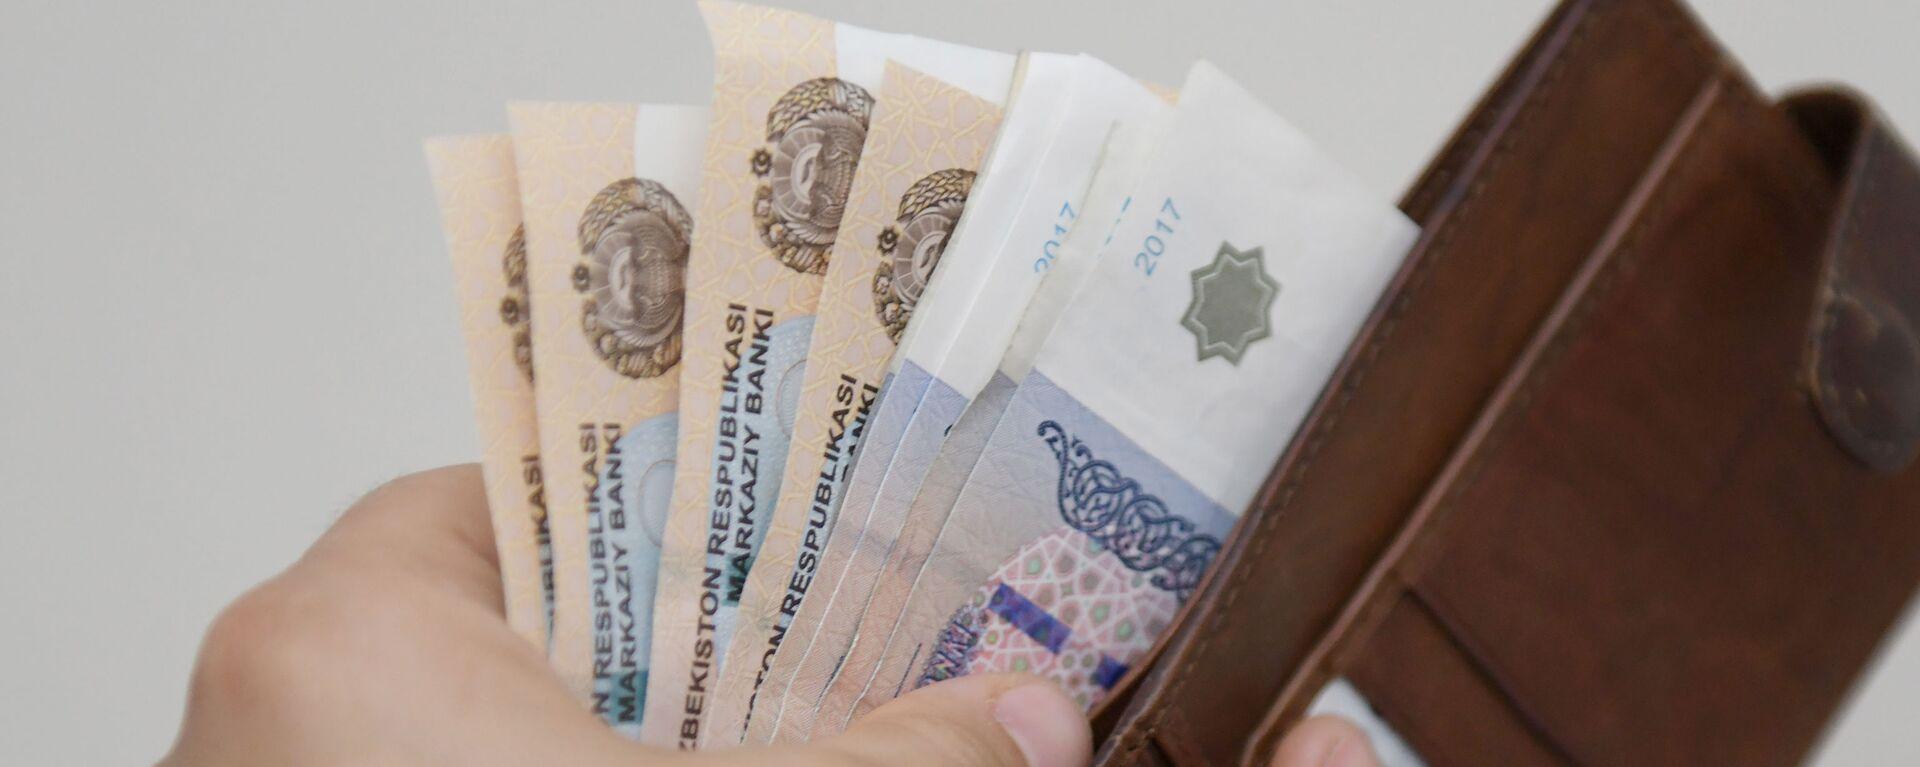 Национальная валюта Узбекистана — сум - Sputnik Узбекистан, 1920, 04.06.2021